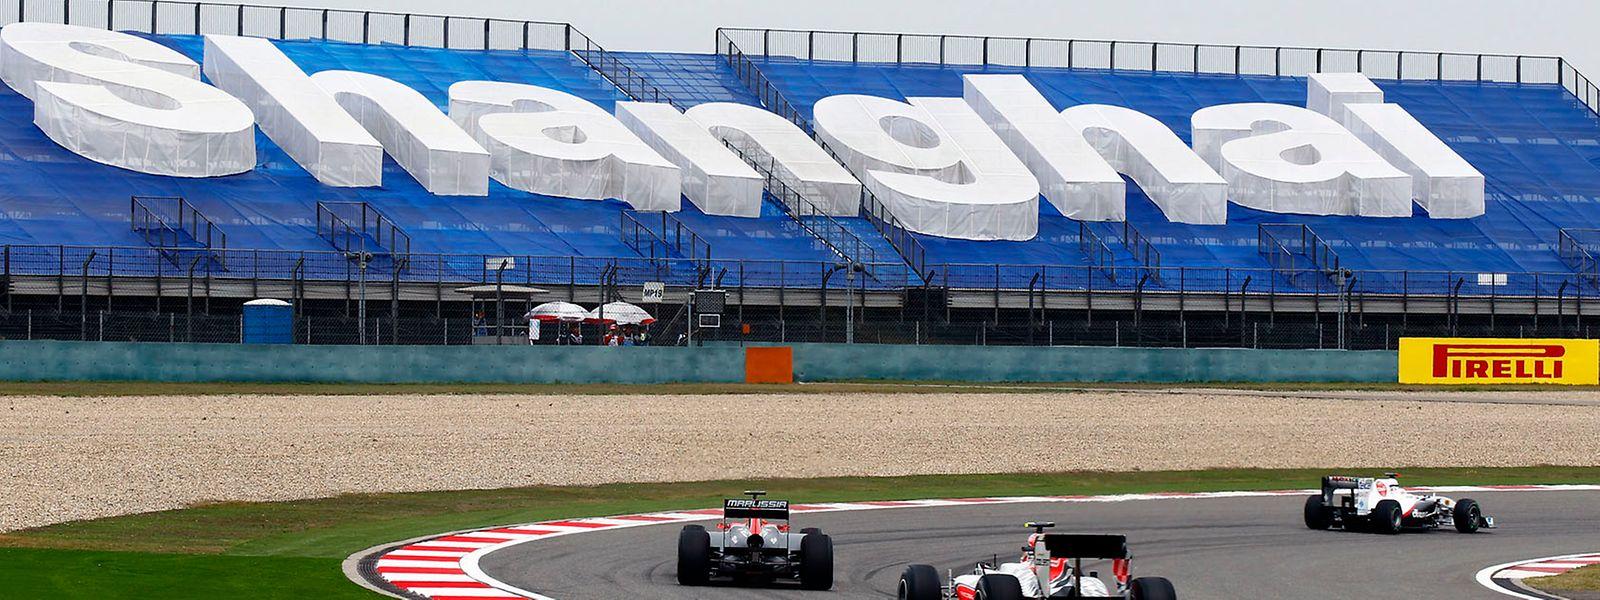 La décision de reporter le GP de Chine a été prise à la demande des organisateurs du Grand Prix et des autorités sportives chinoises